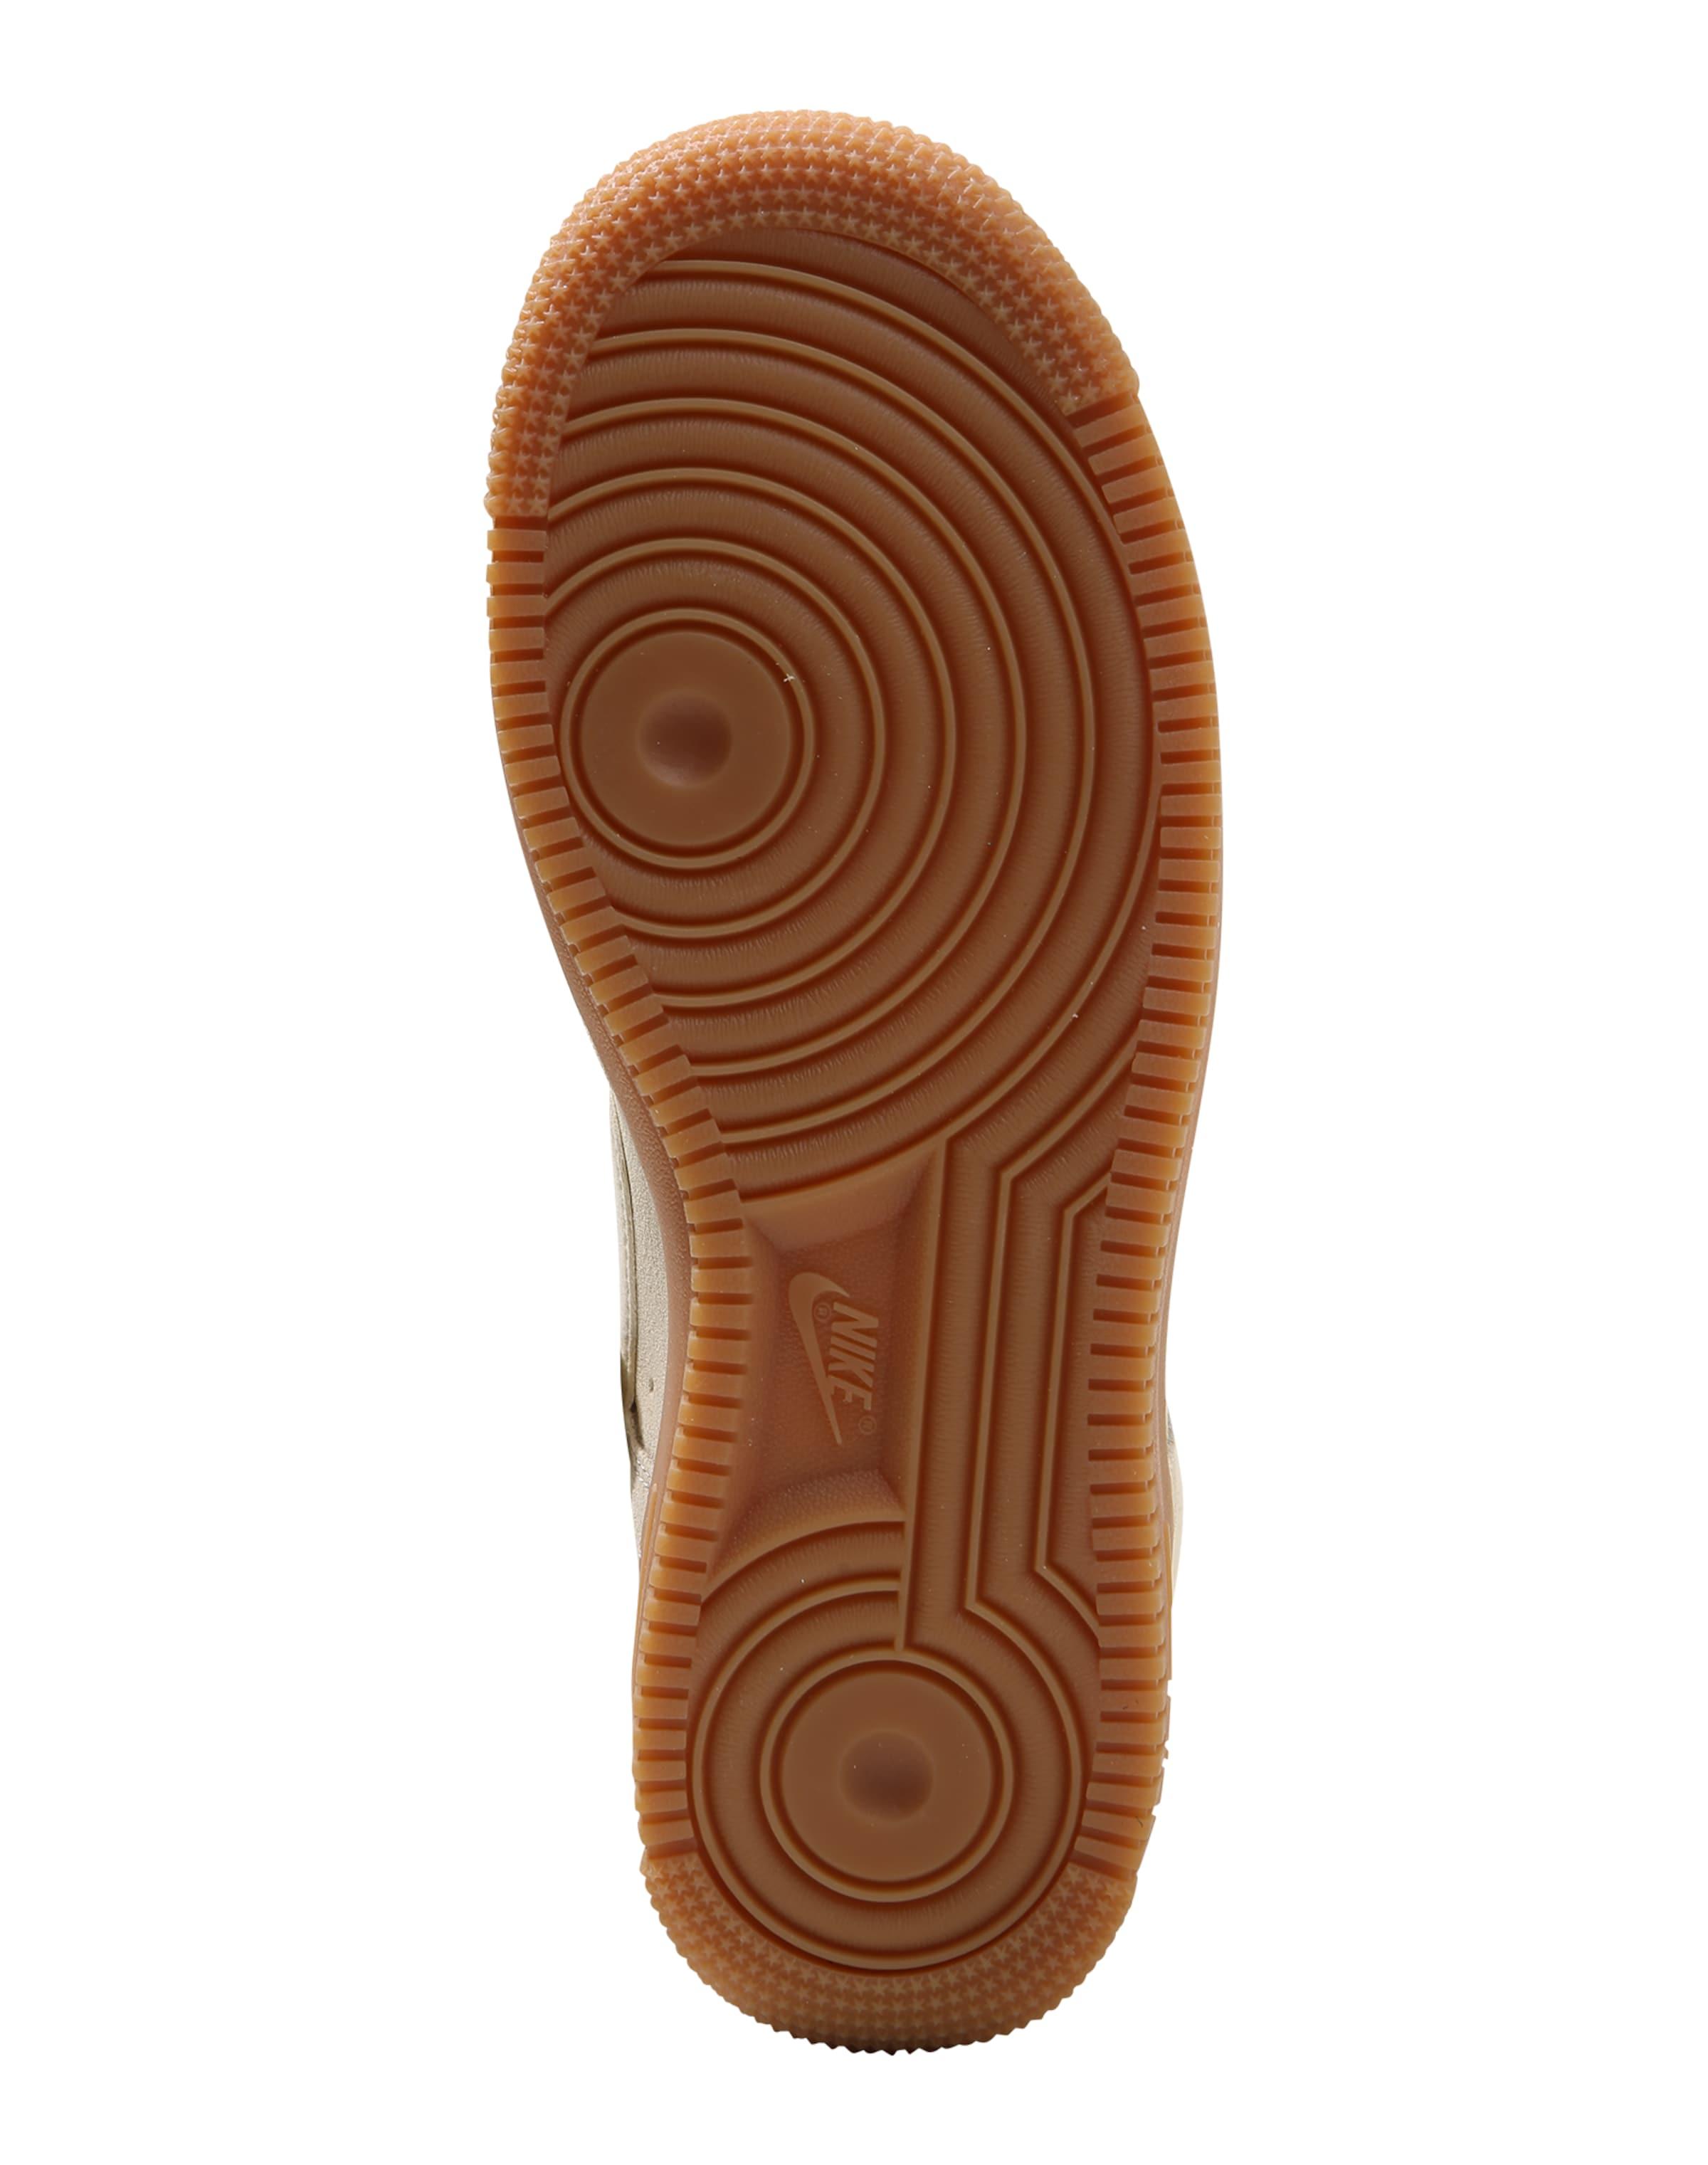 Nike Sportswear Sneaker High 'air force 1' Mit Paypal Zu Verkaufen Shop Online-Verkauf Freies Verschiffen Eastbay Angebot Zum Verkauf ETQo3vK